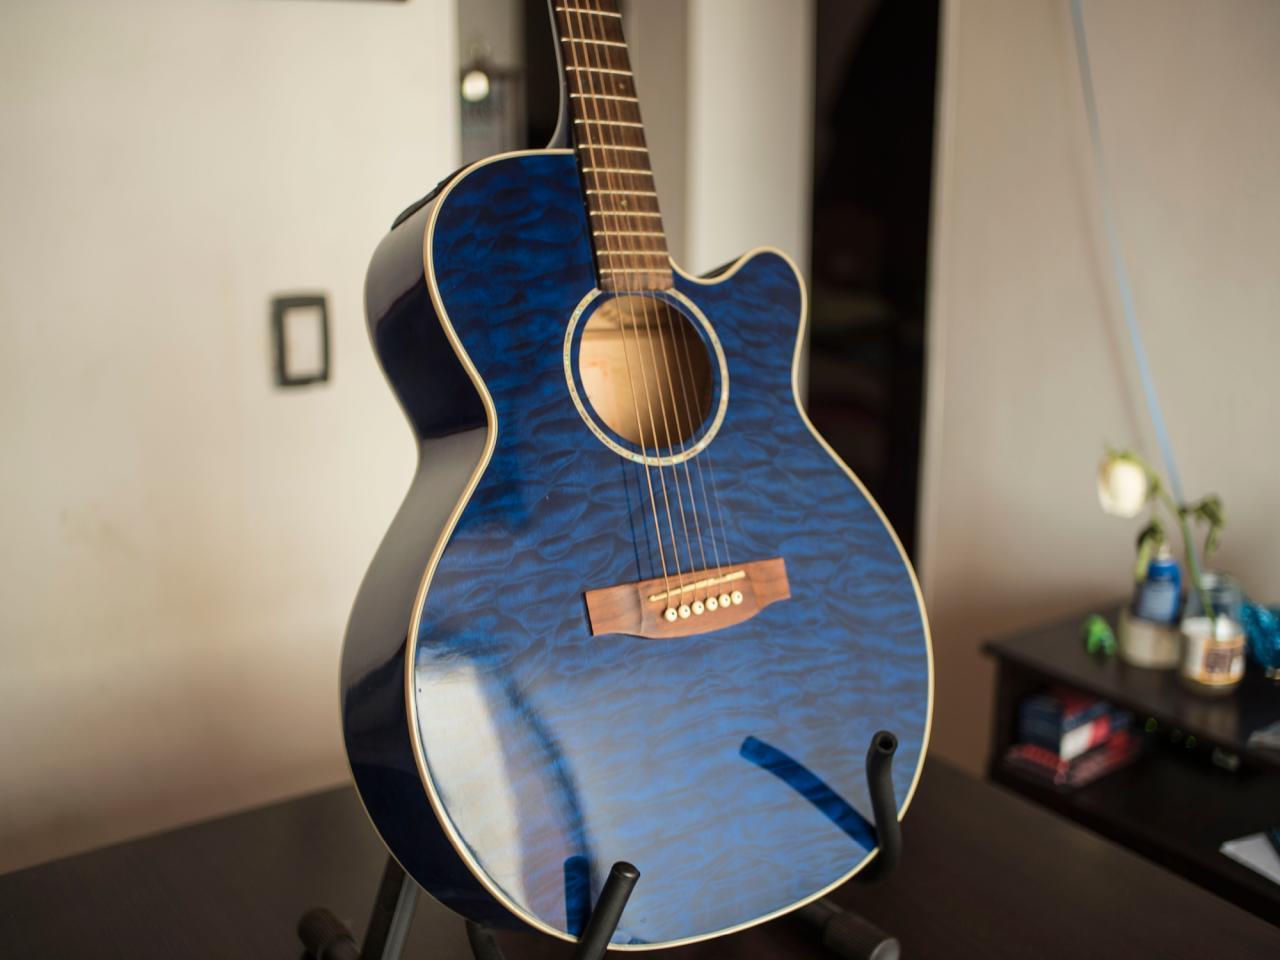 Imagen de Guitarra Takamine Electroacústica EG440C STBQ - 6 CUERDAS por Movidagrafica